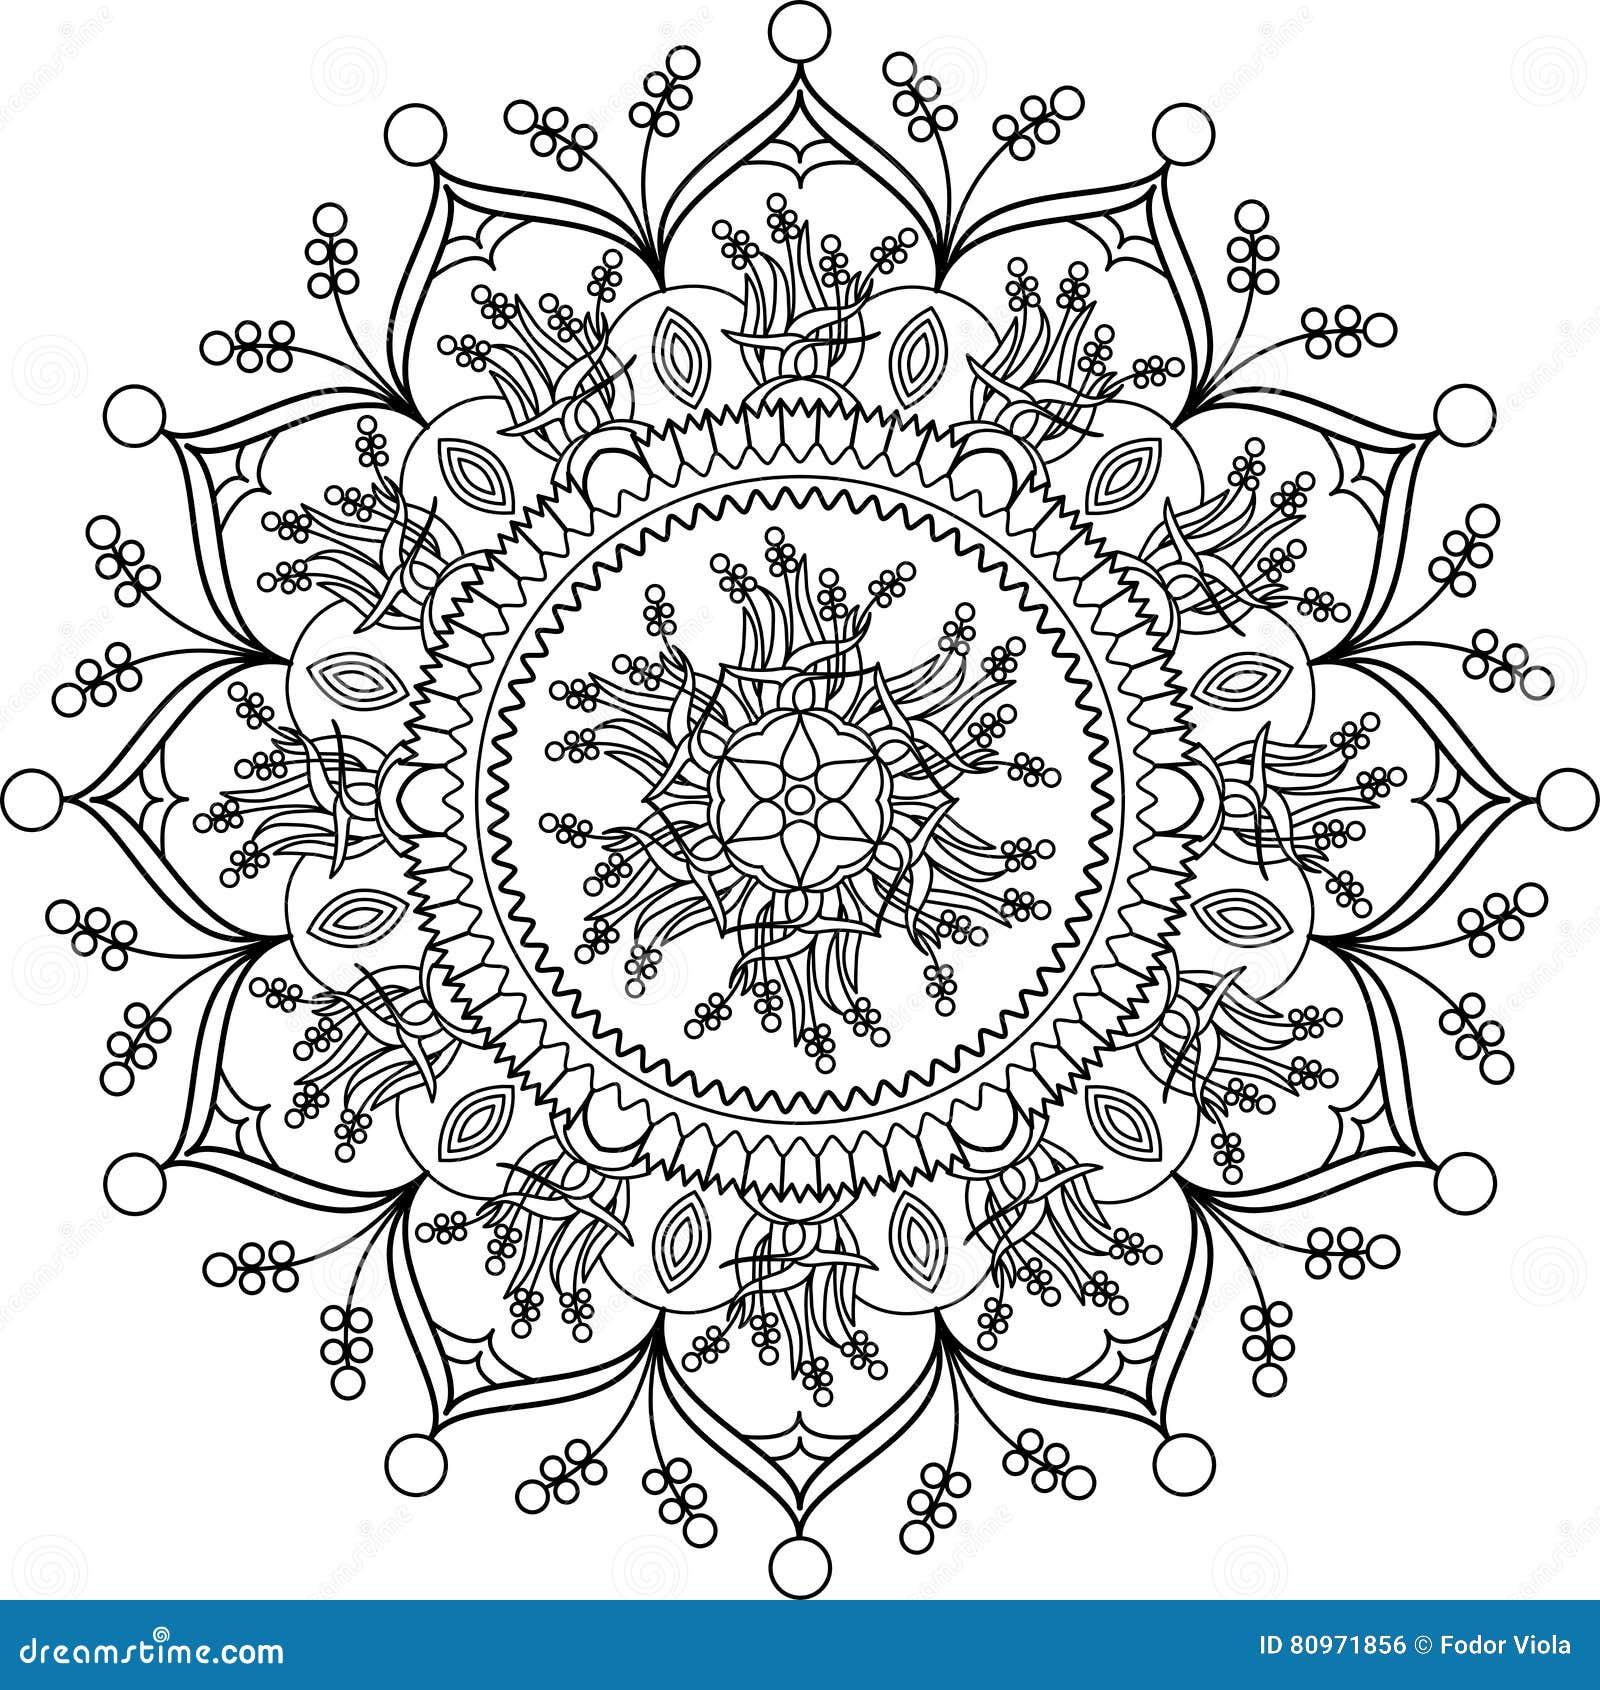 Volwassen Kleurende Pagina Mandala Met Bloemen Vector Illustratie